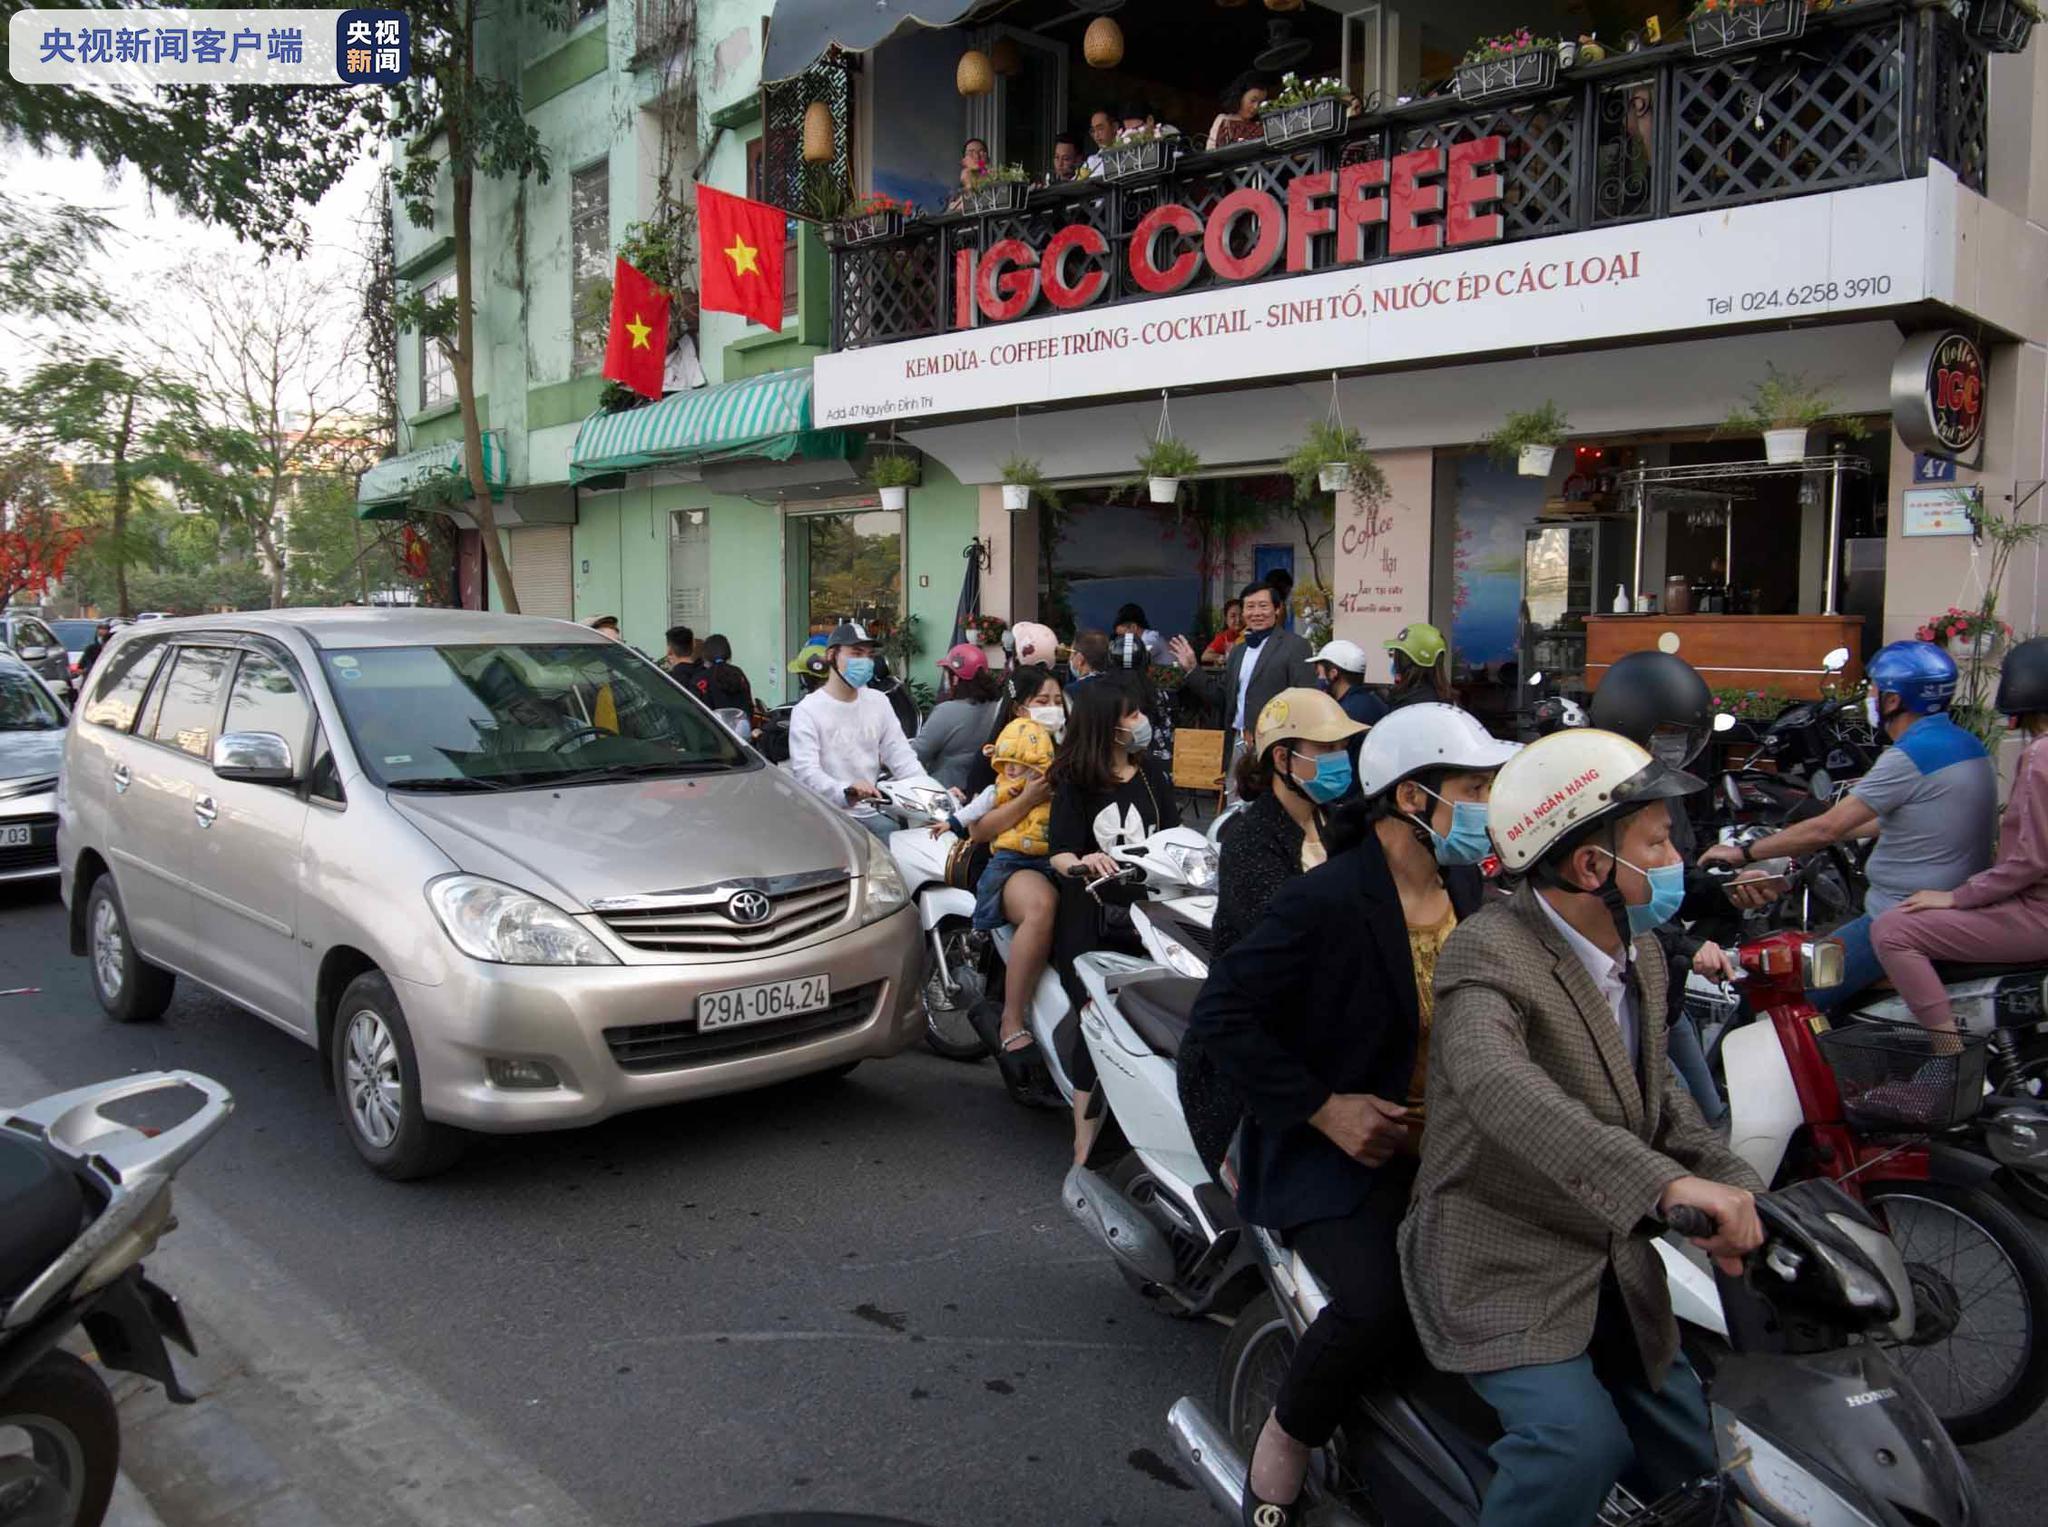 越南河内重新开放理发店和室内餐厅等民生服务行业